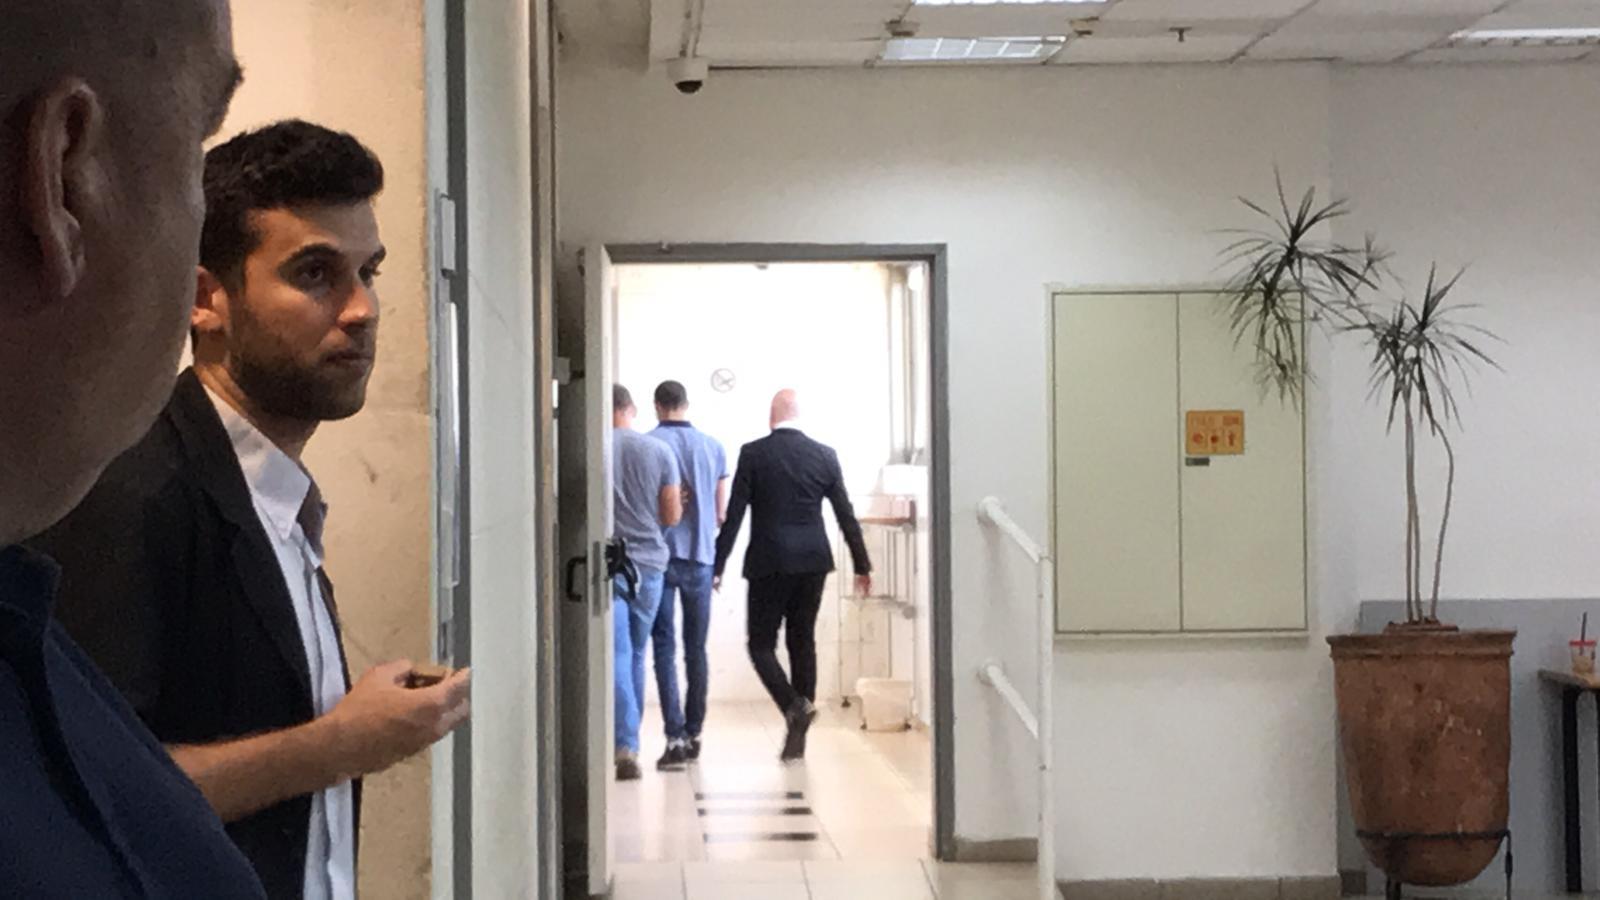 خطف الطفل من قلنسوة: تمديد اعتقال المشتبه بهم 8 أيام